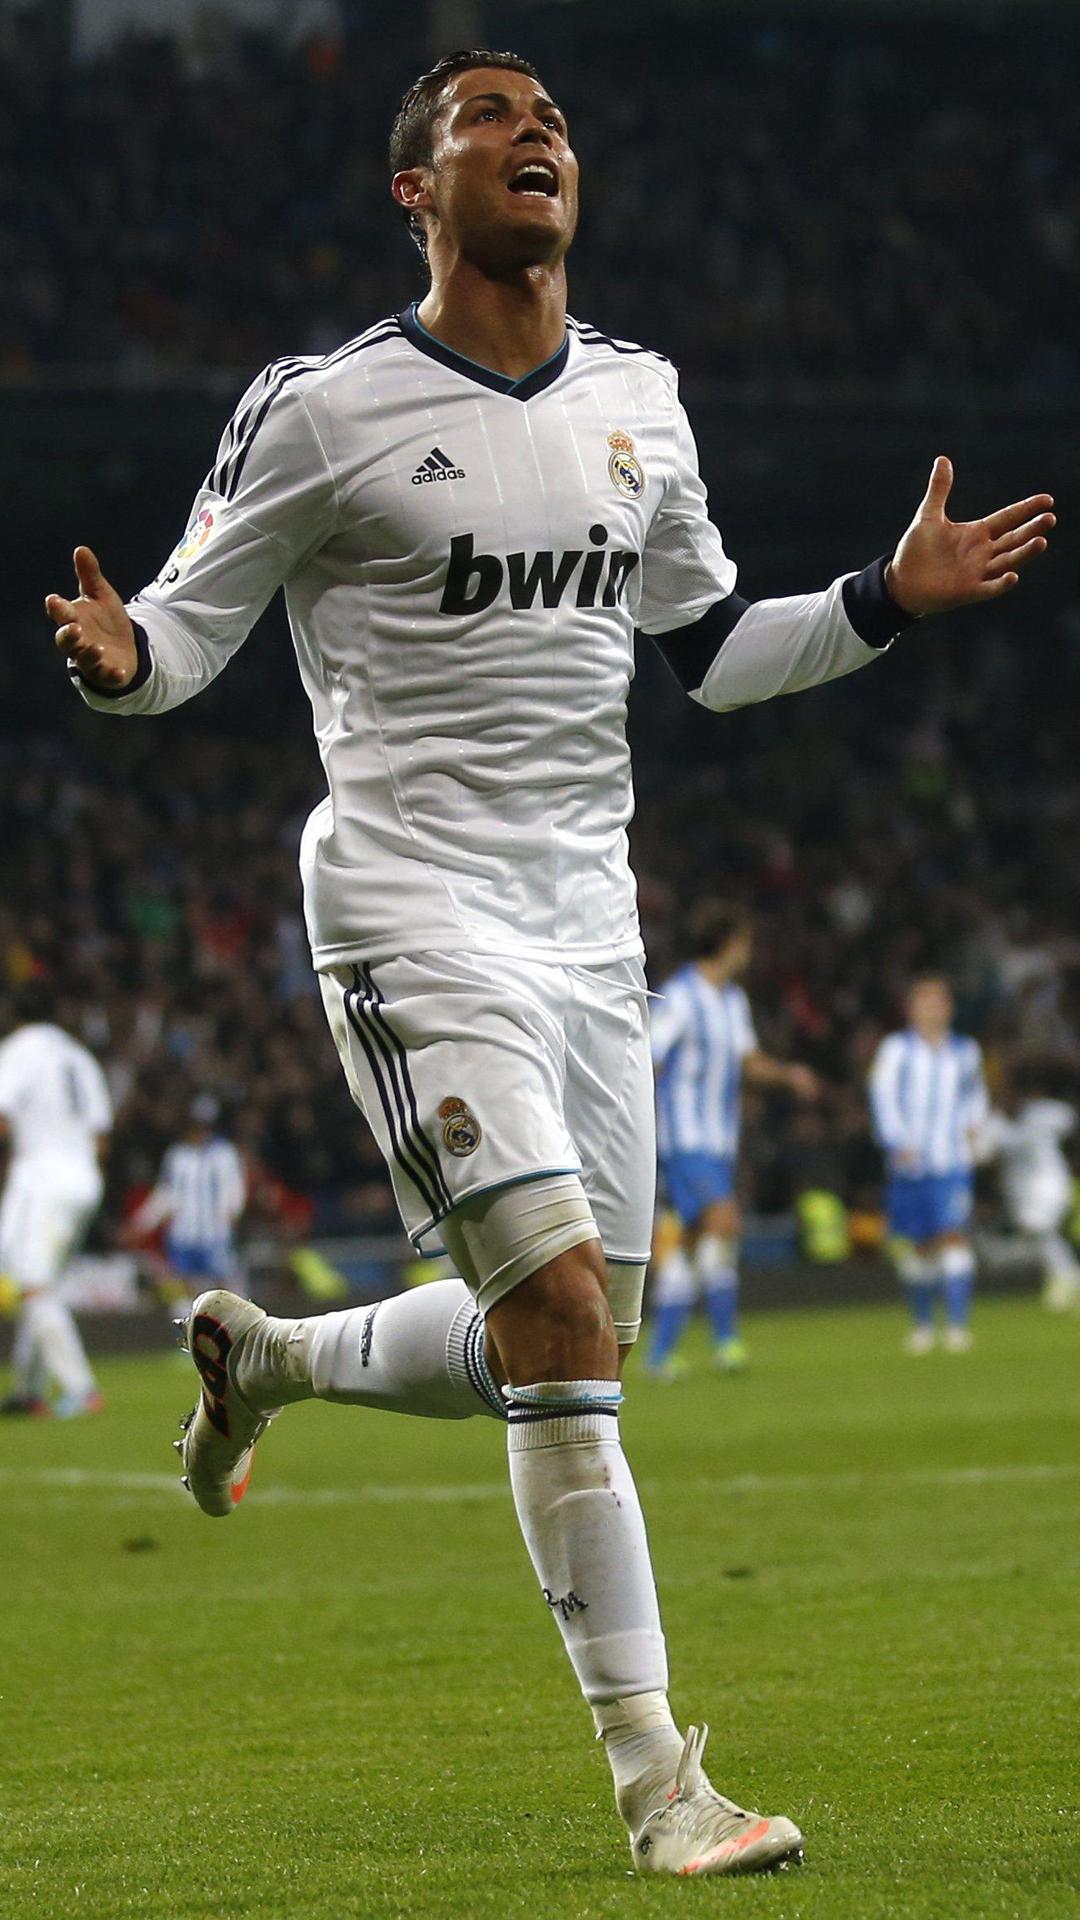 Cristiano Ronaldo htc one wallpaper